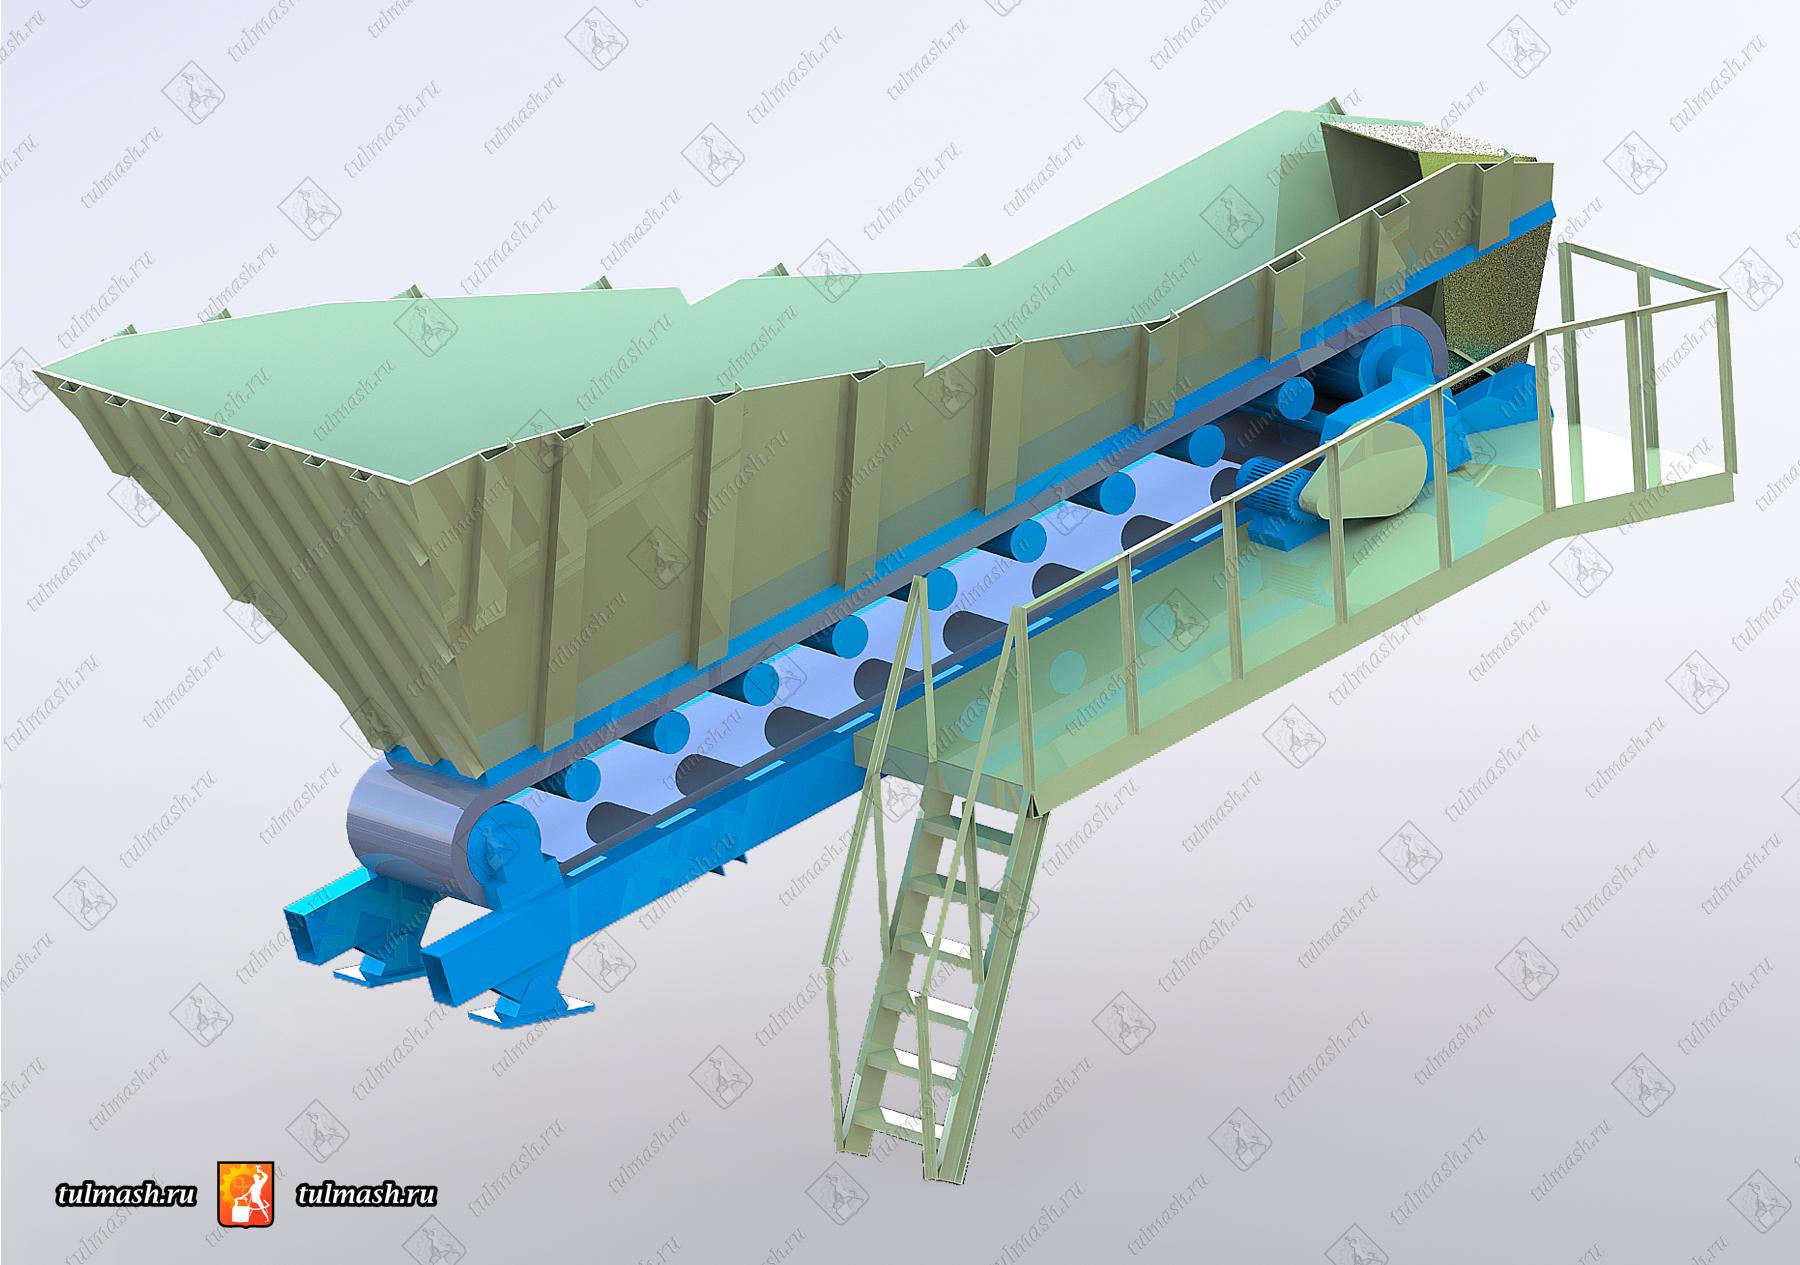 Пластинчатый питатель ПЛП 12 конвейер ленточный клс с 650